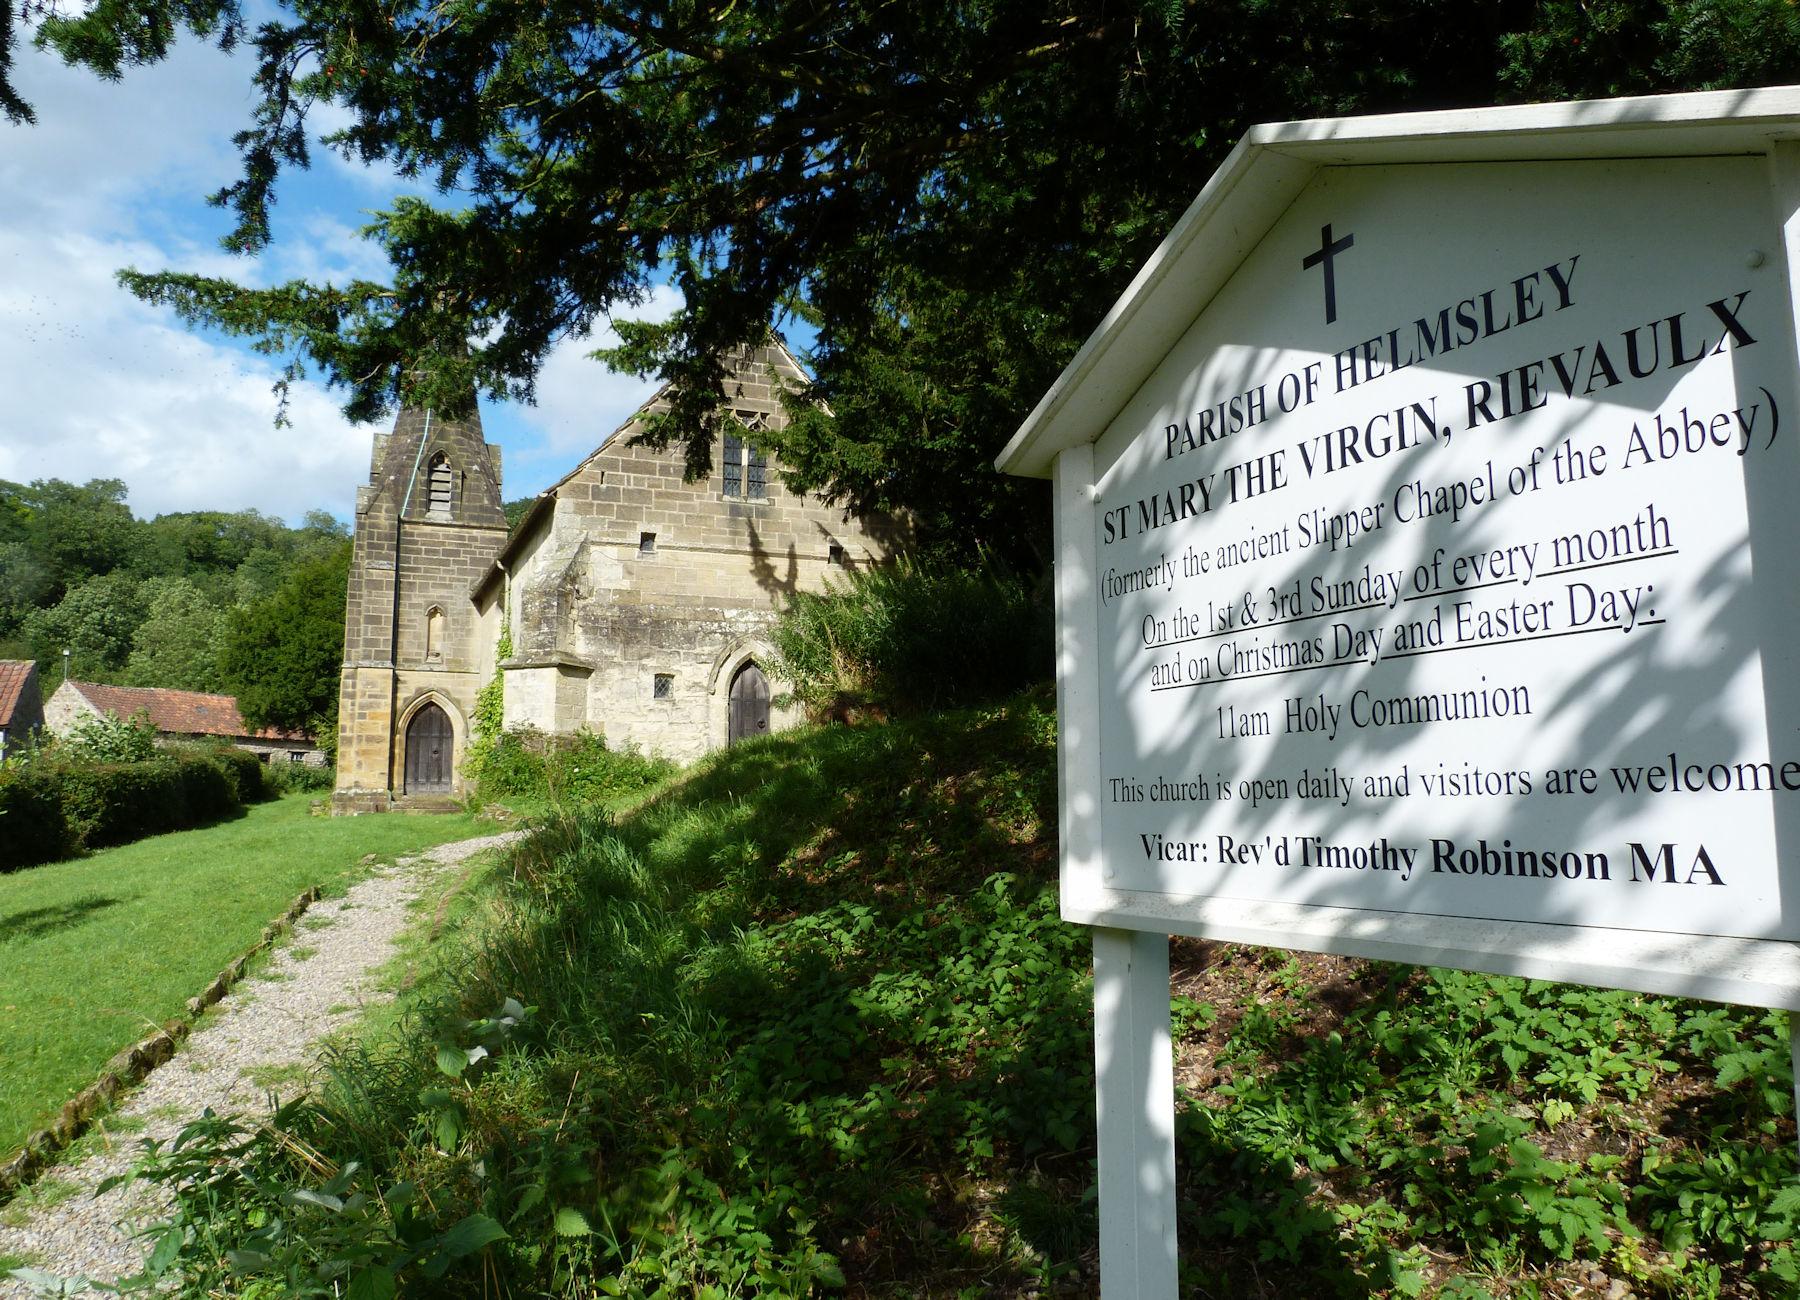 Rievaulx Church